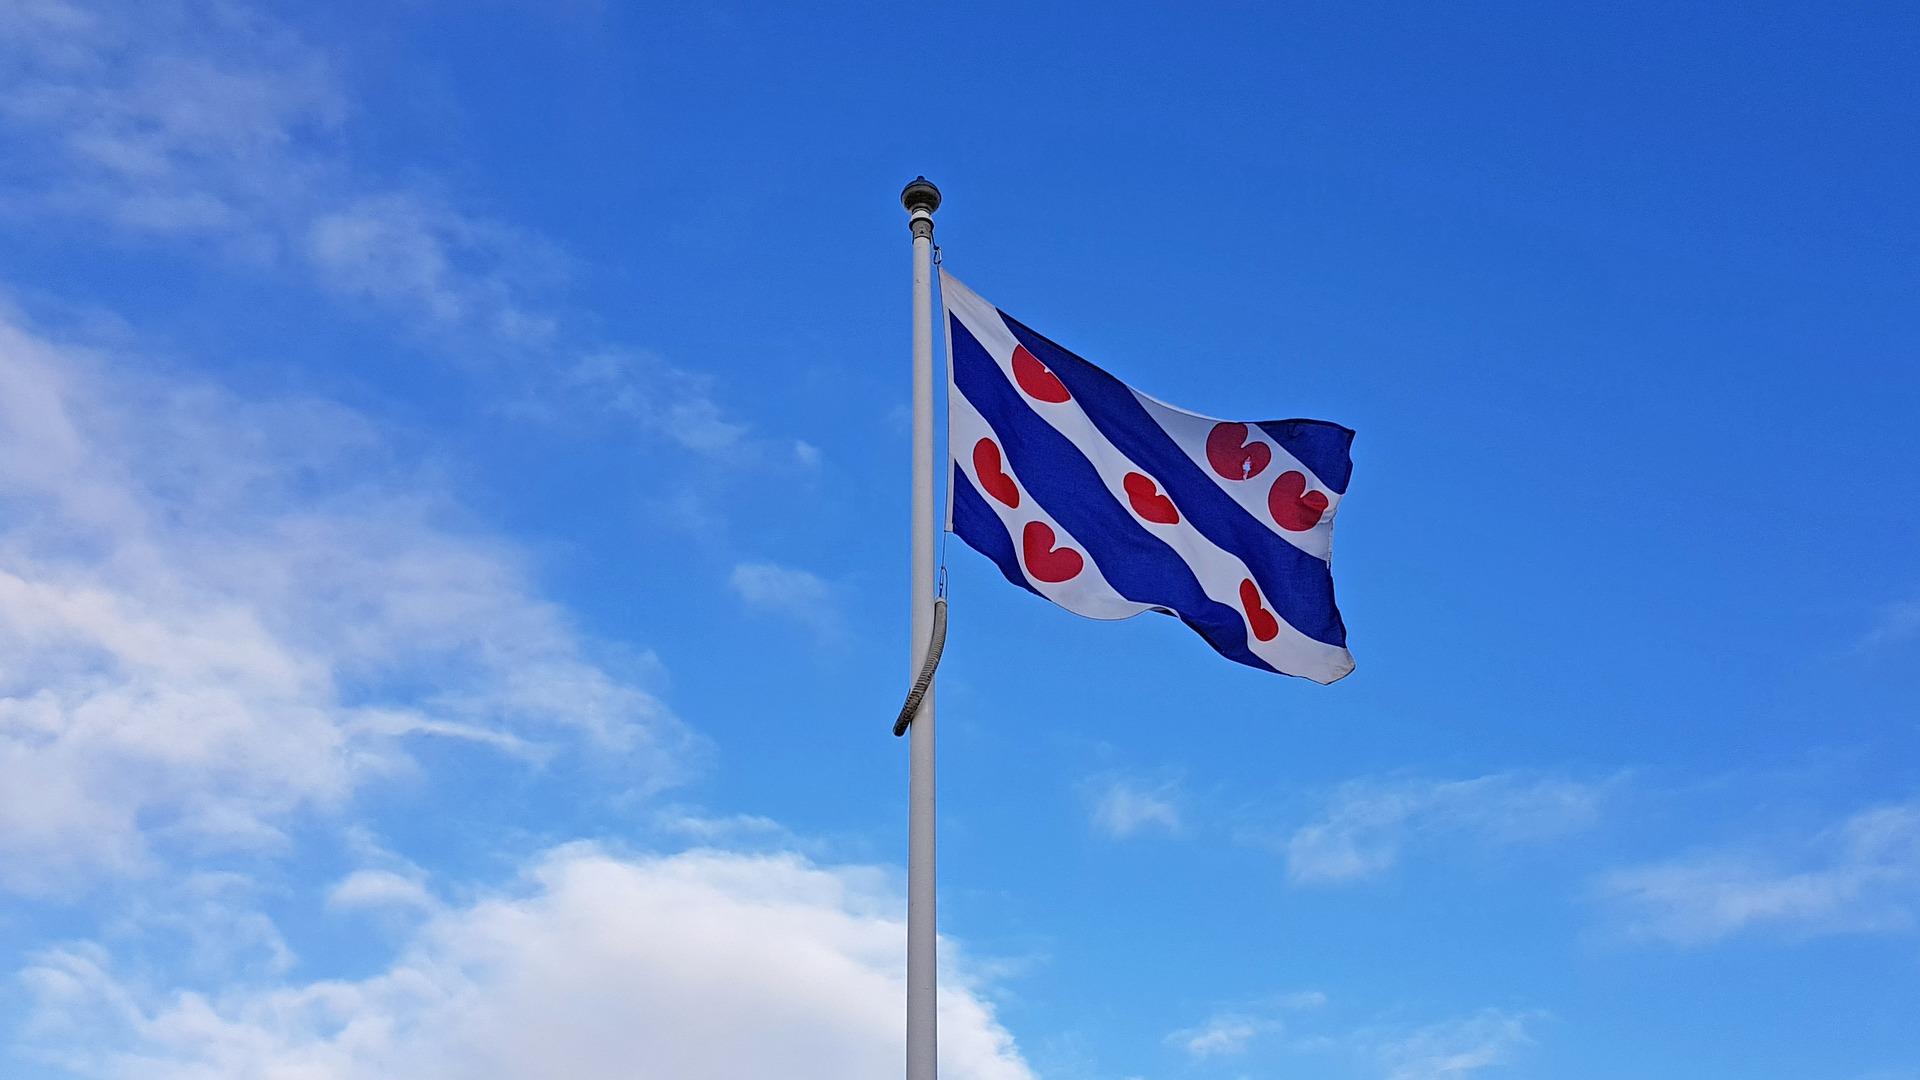 flag-3035553_1920